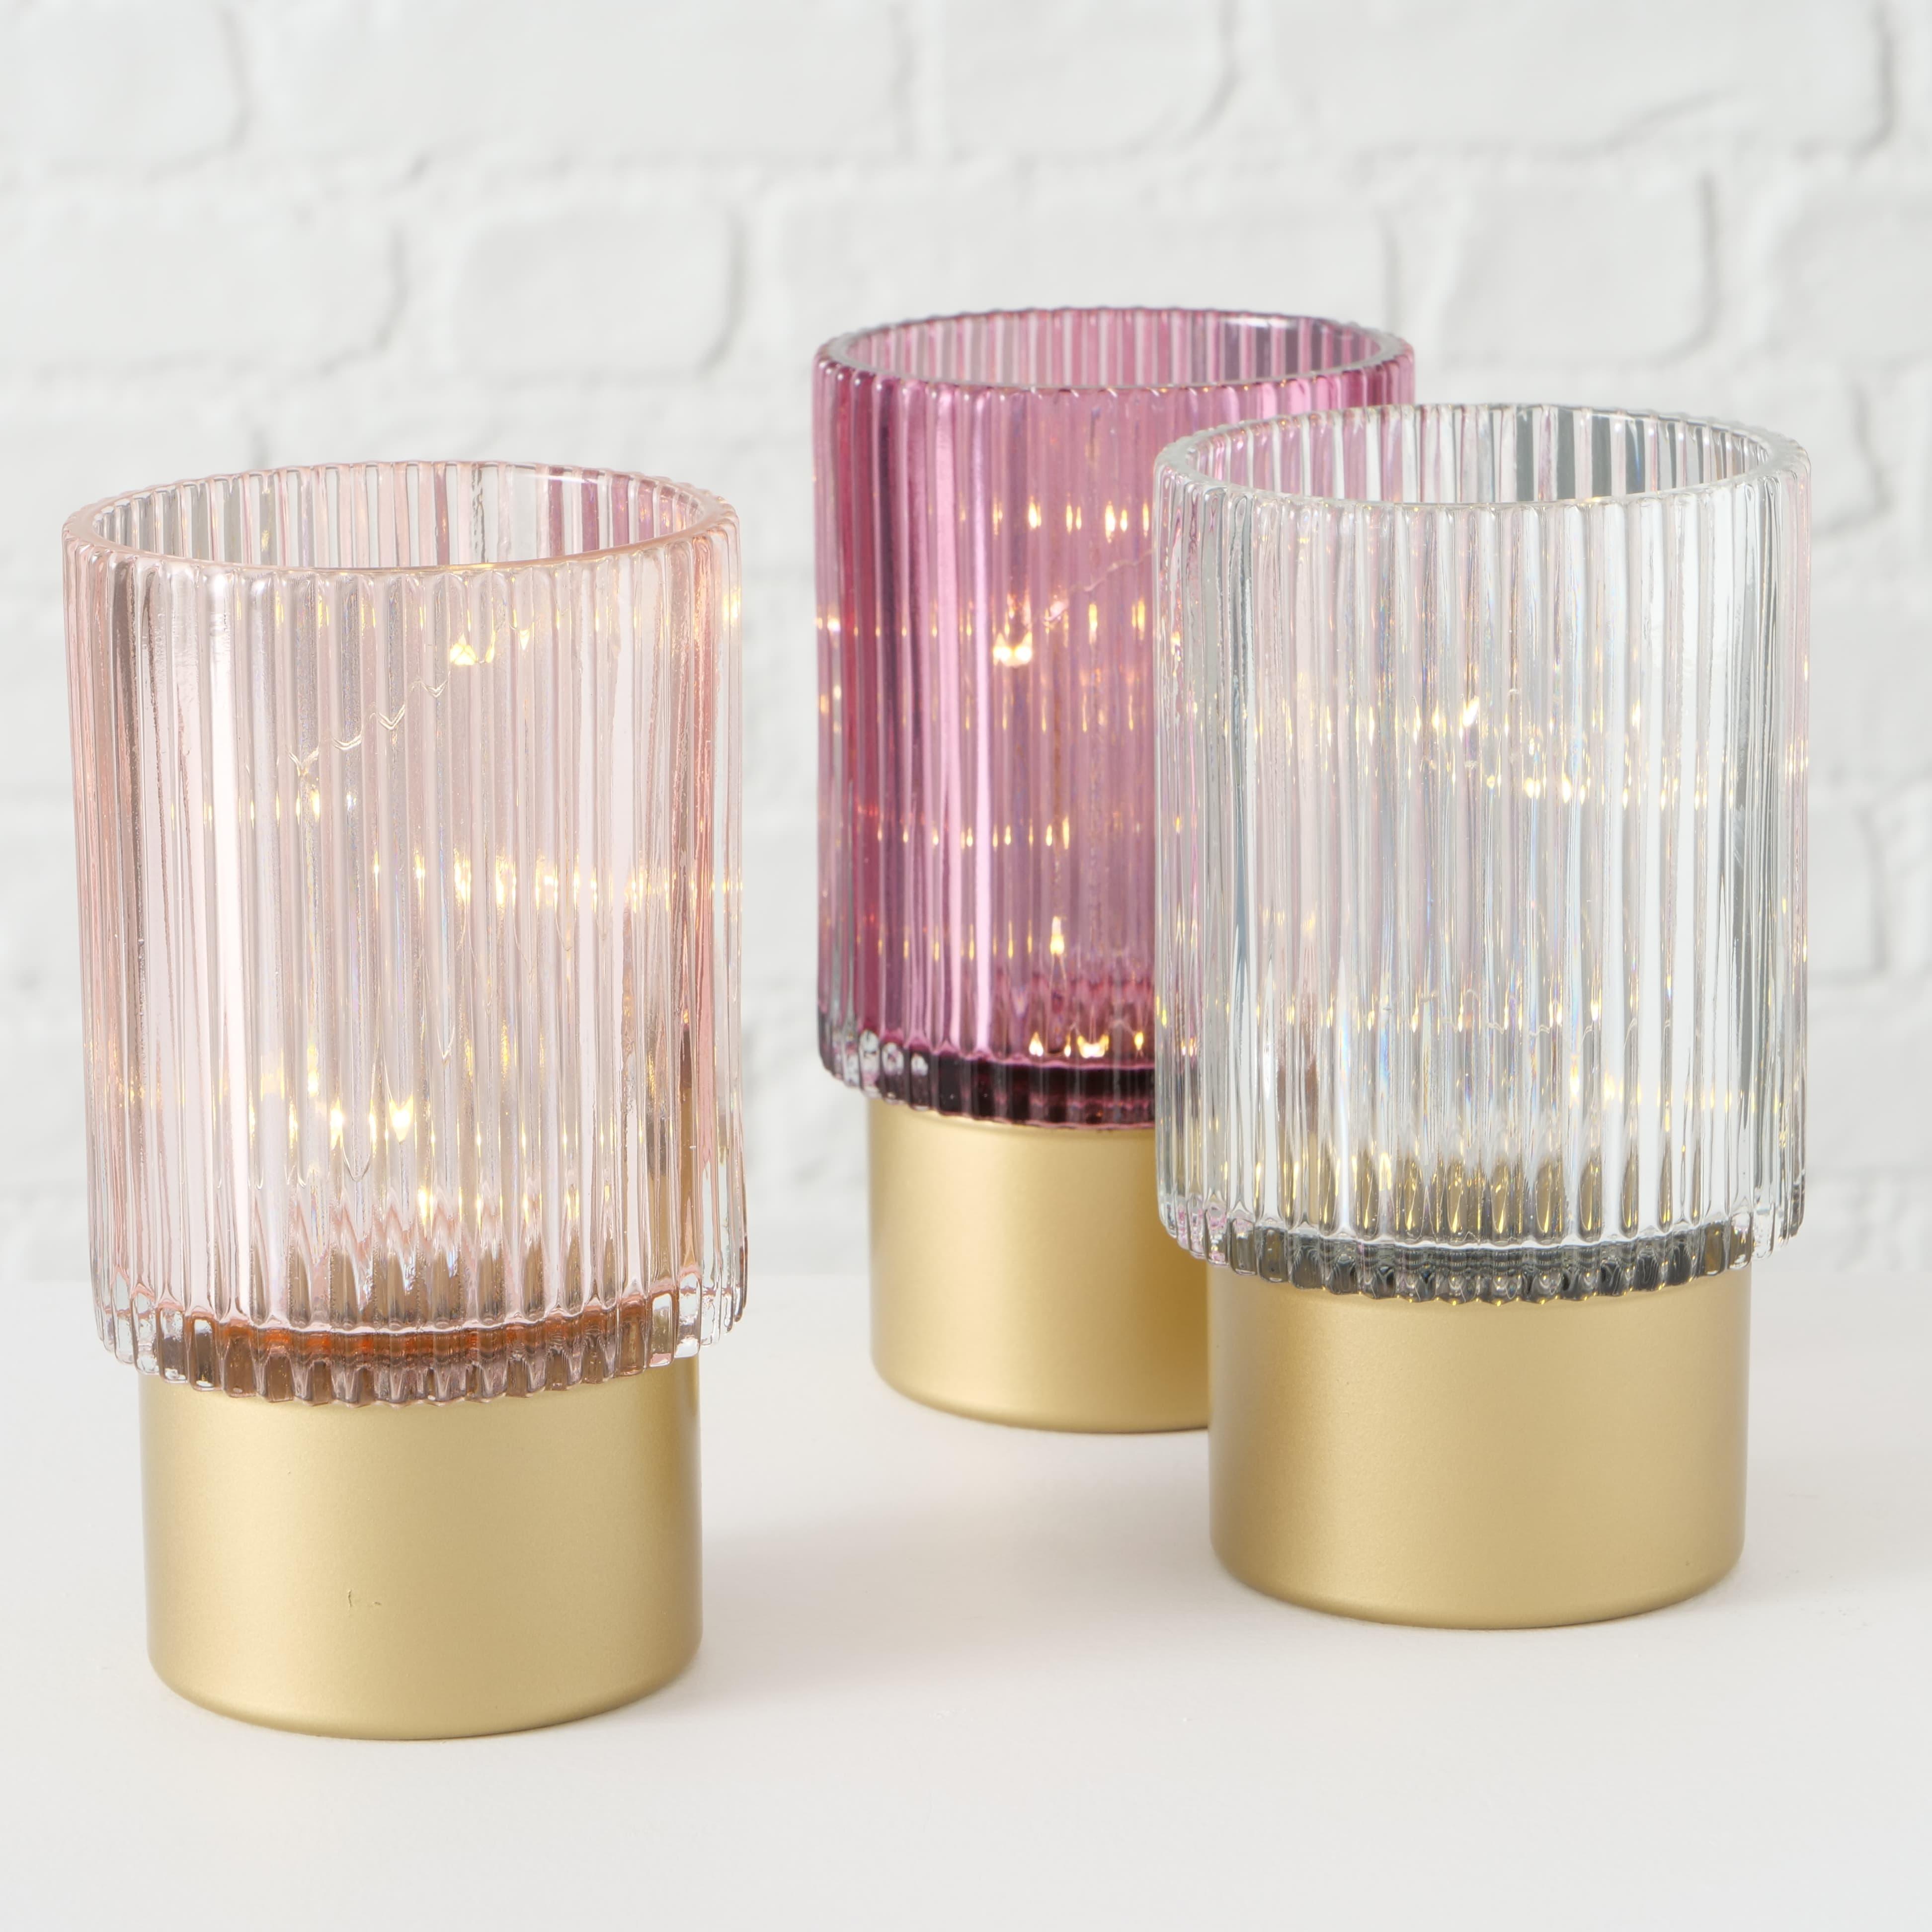 Decoratiune cu LED din sticla Apia Roz / Alb, Modele Asortate, Ø9xH15 cm